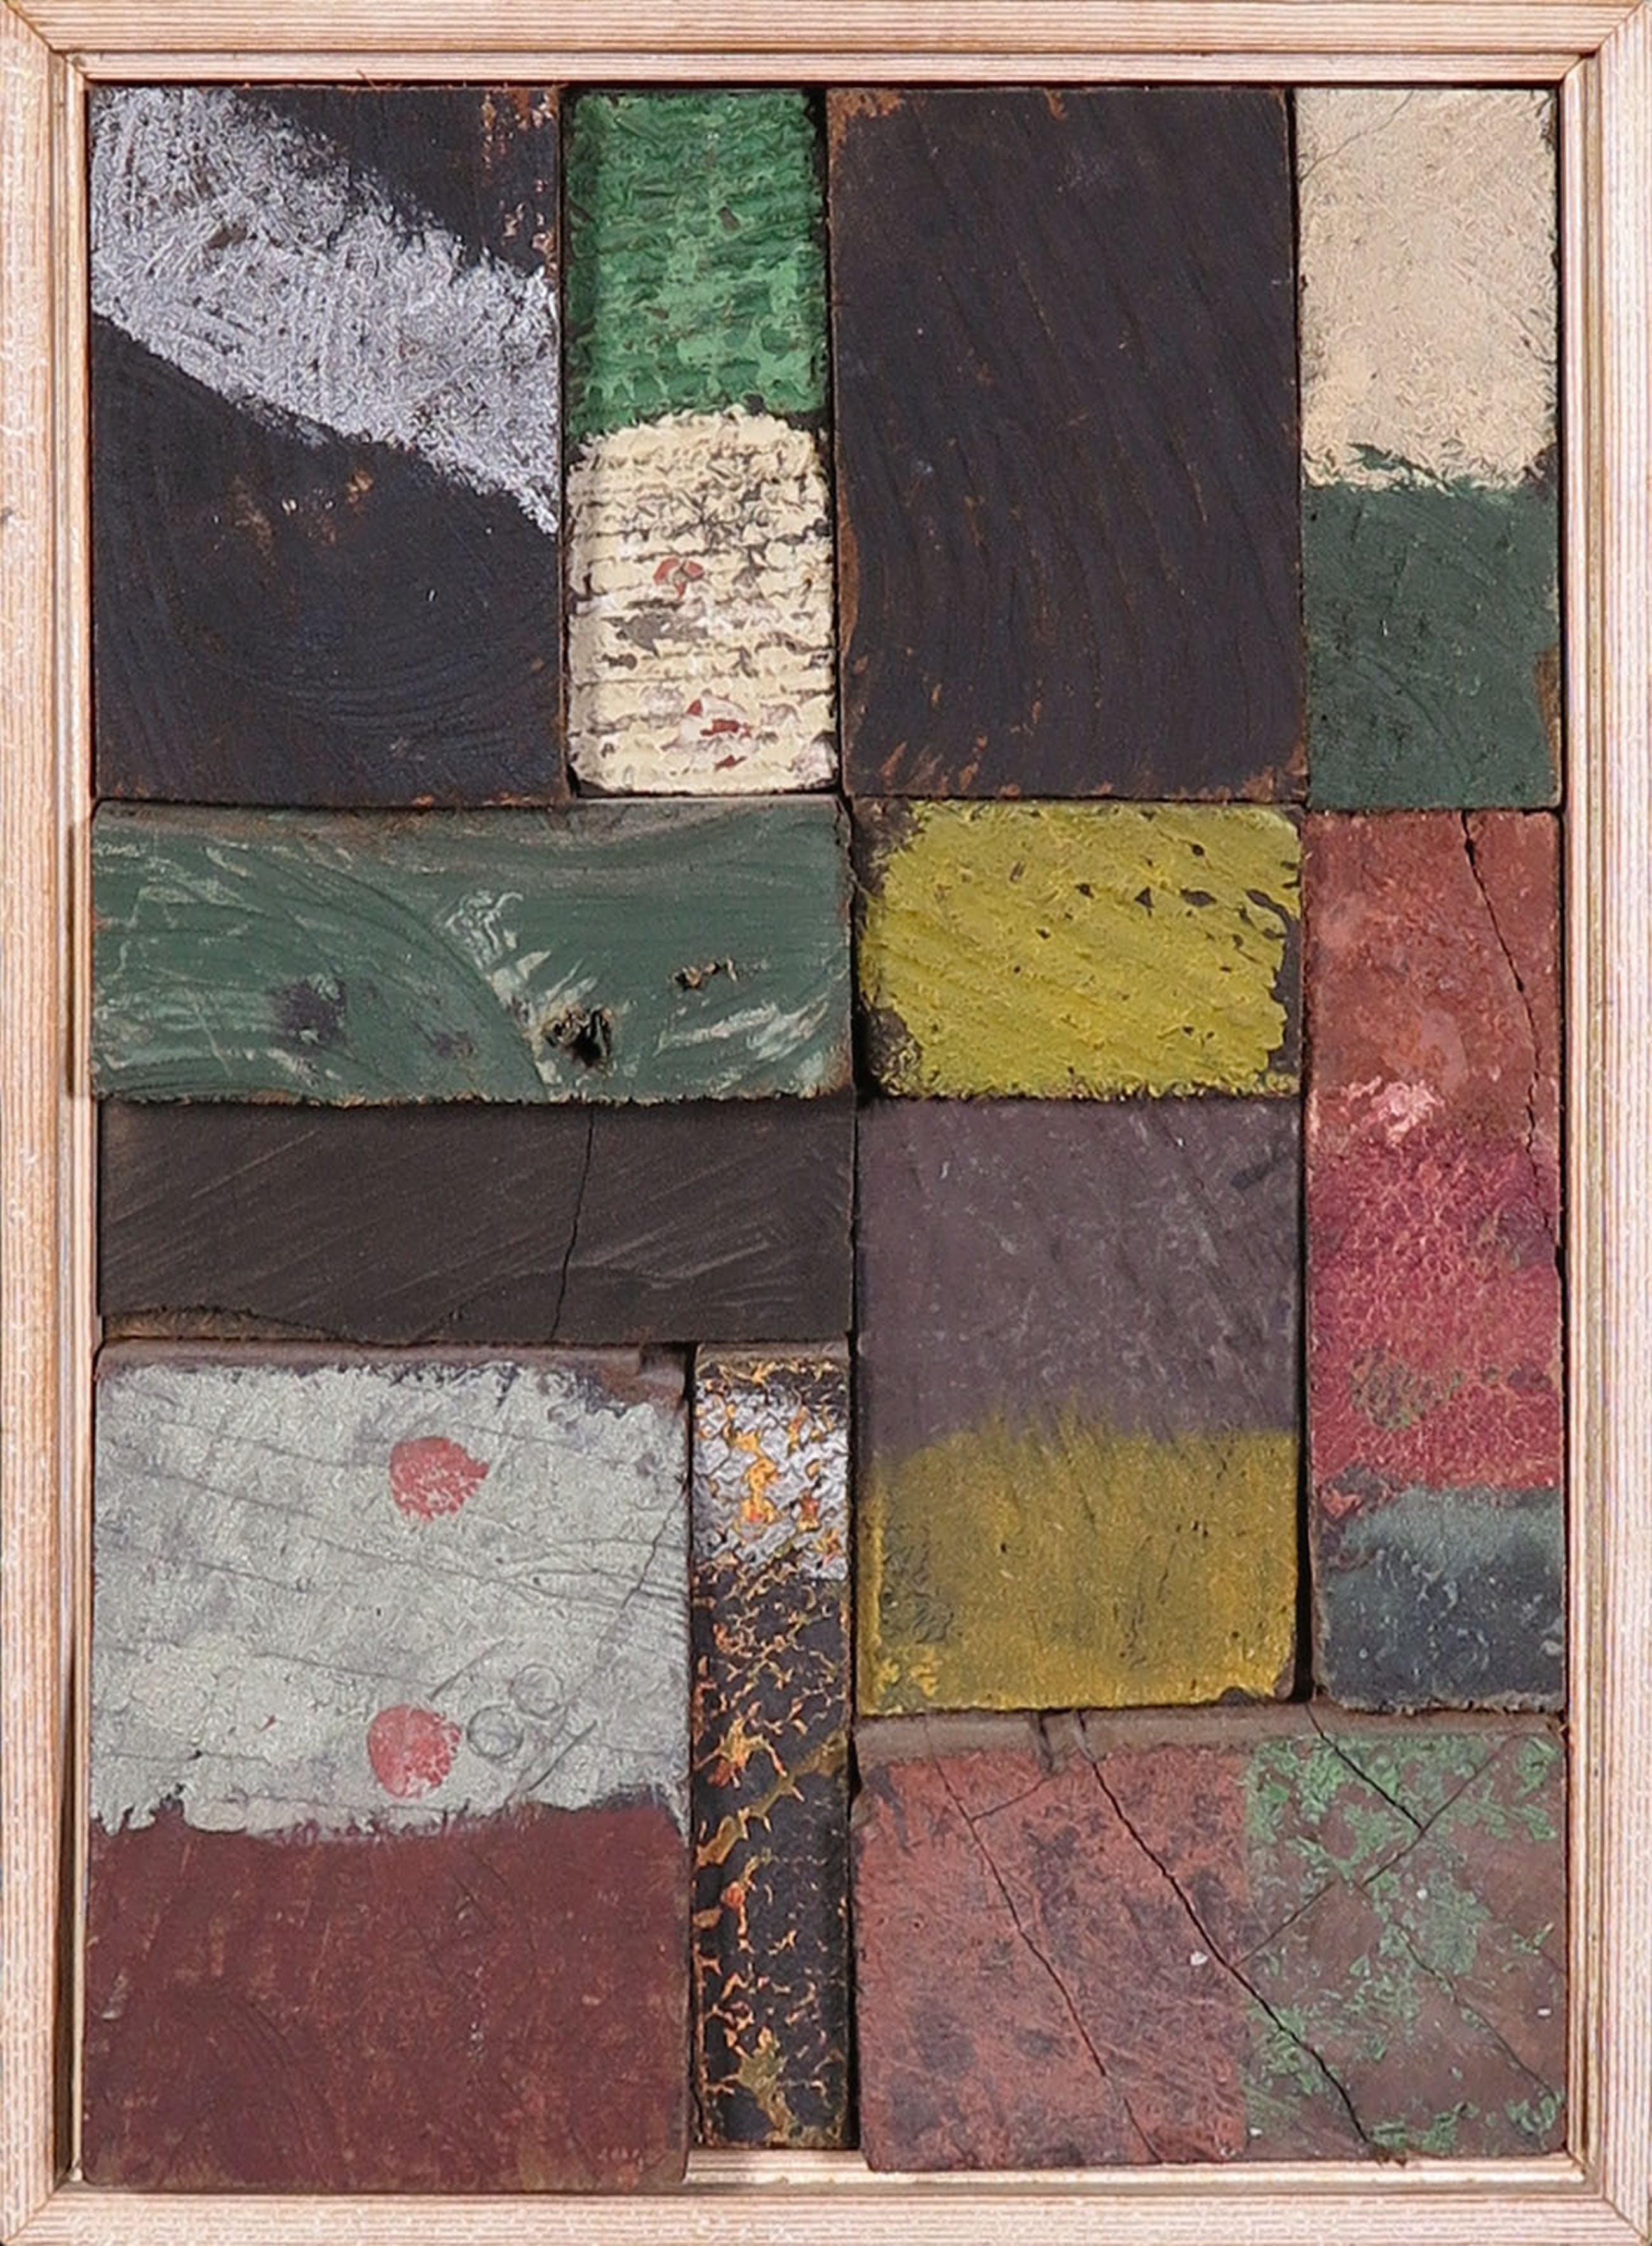 Christiaan Paul Damste - Collage van (beschilderd) hout, Wand - Ingelijst kopen? Bied vanaf 350!